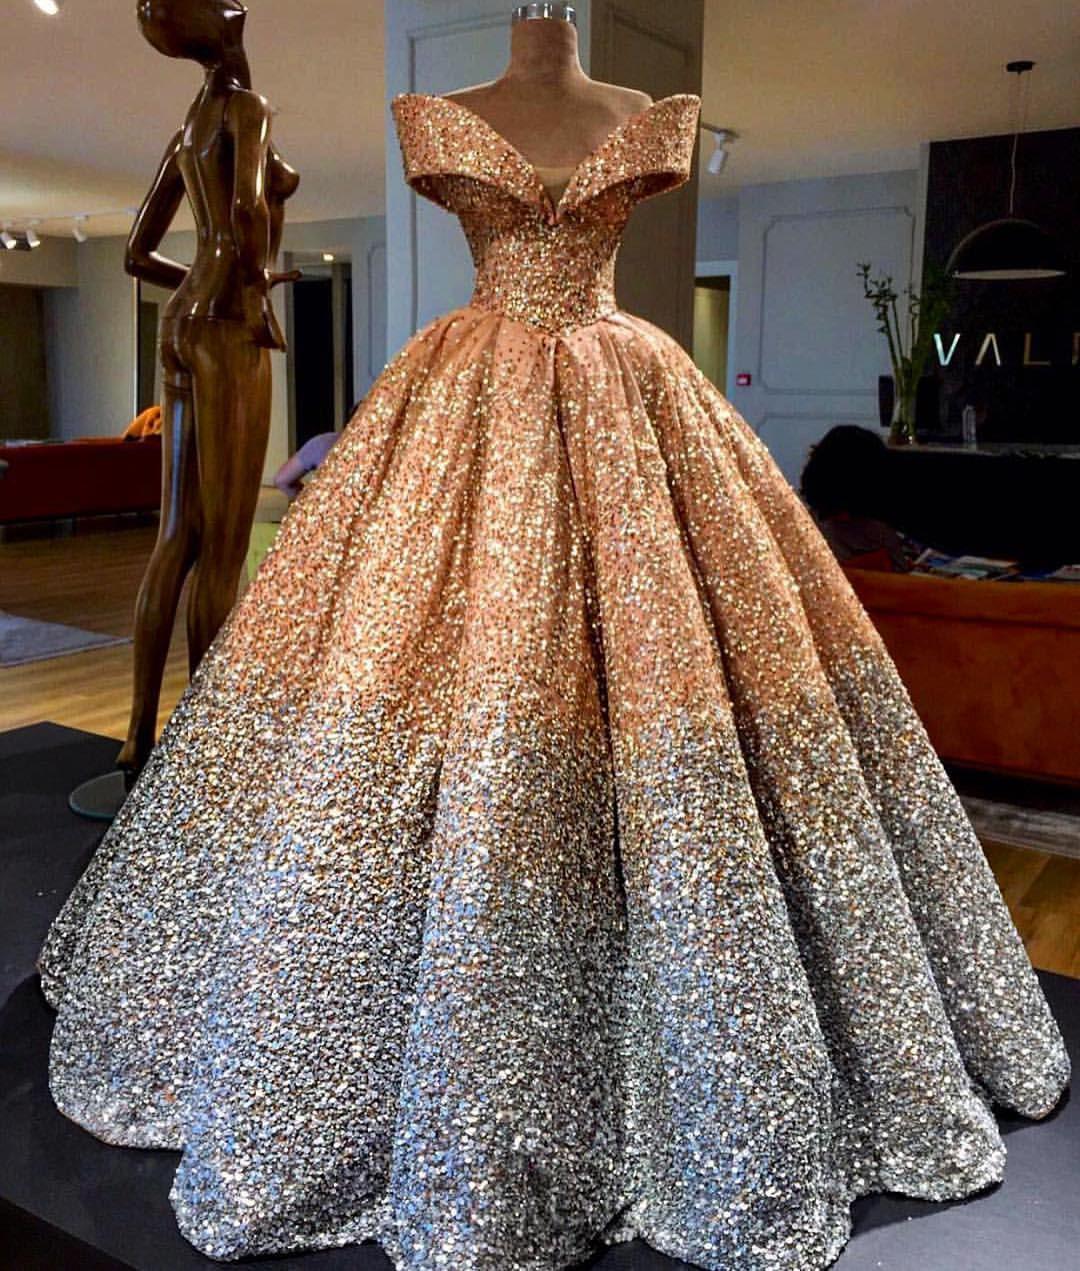 15 Fantastisch Abendkleider Türkei GalerieFormal Wunderbar Abendkleider Türkei Vertrieb